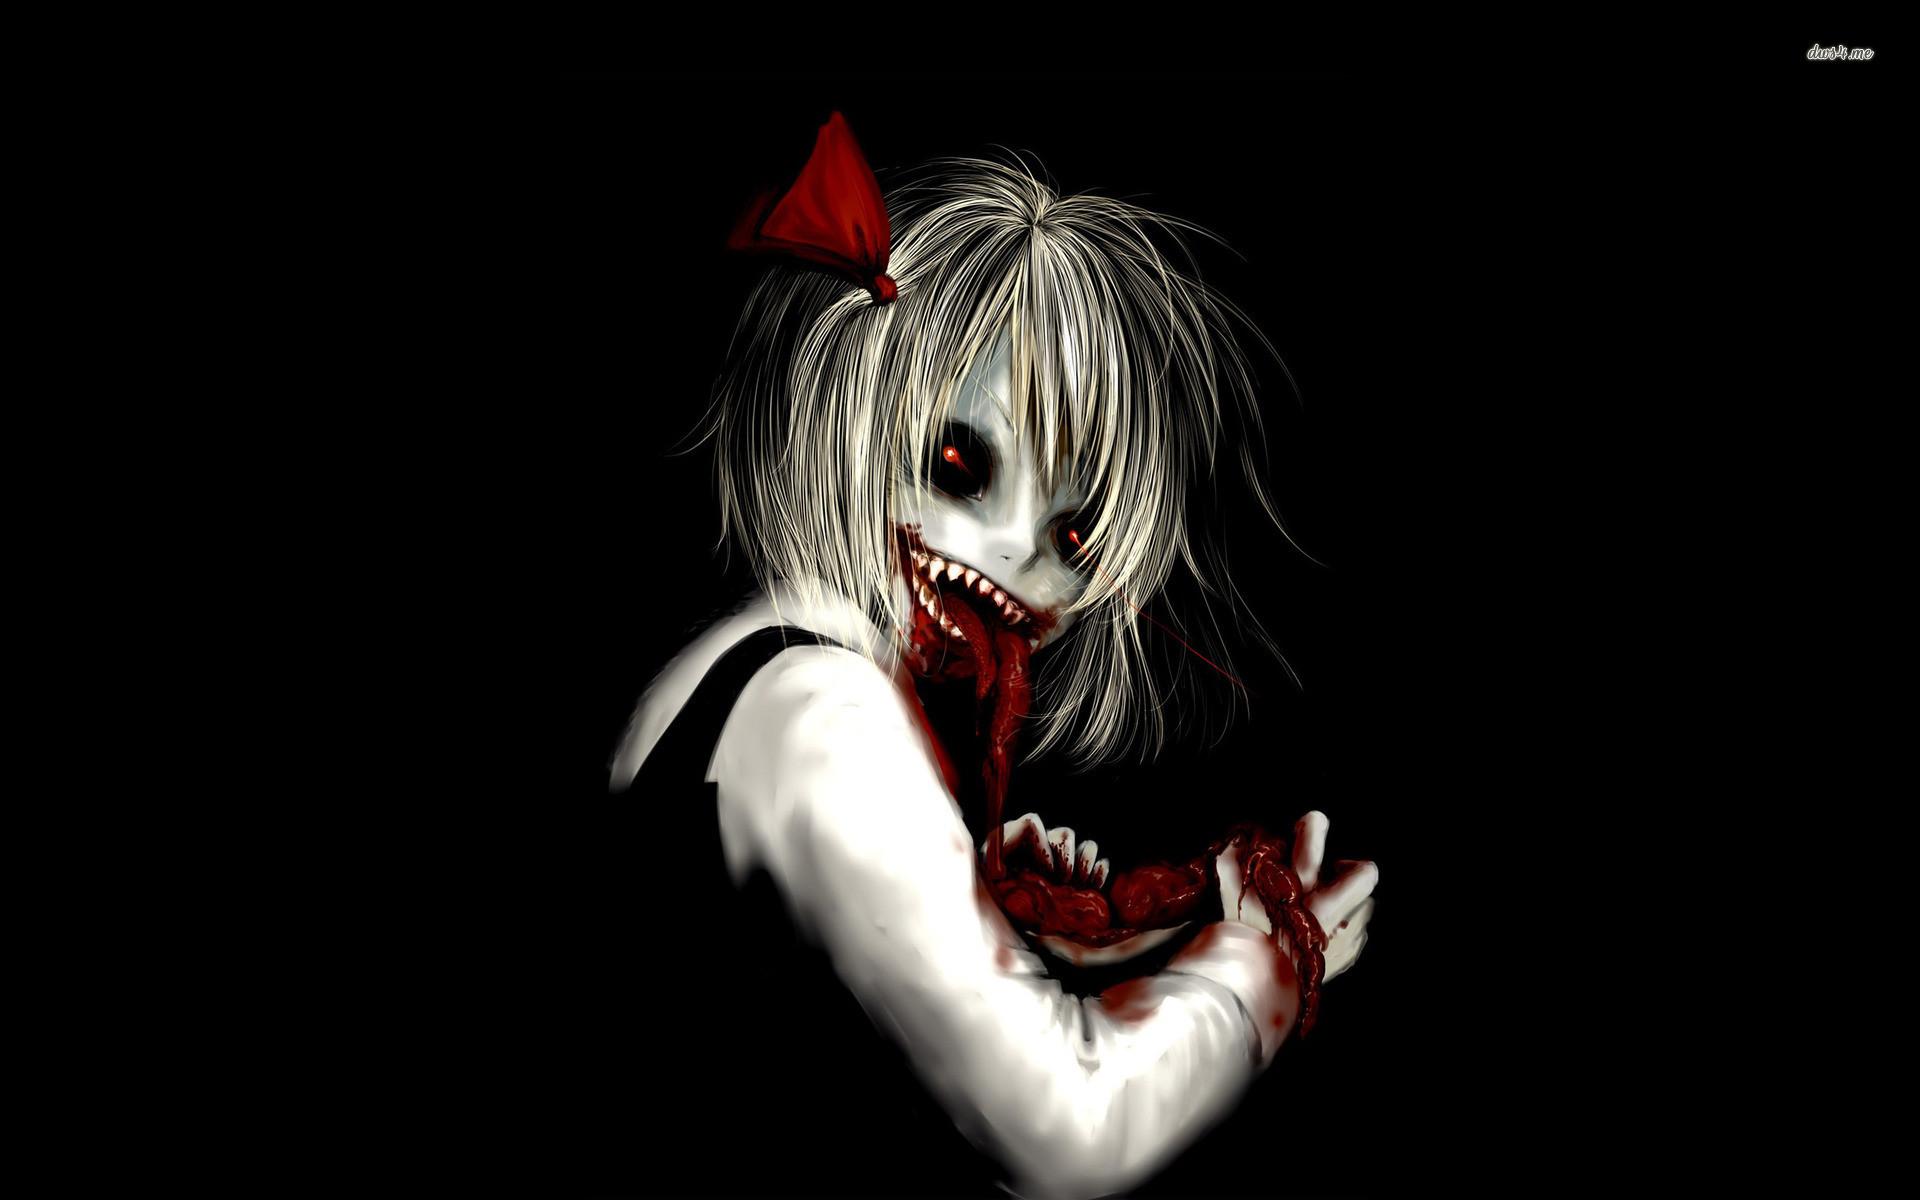 Creepypasta Sally X Killer Jeff